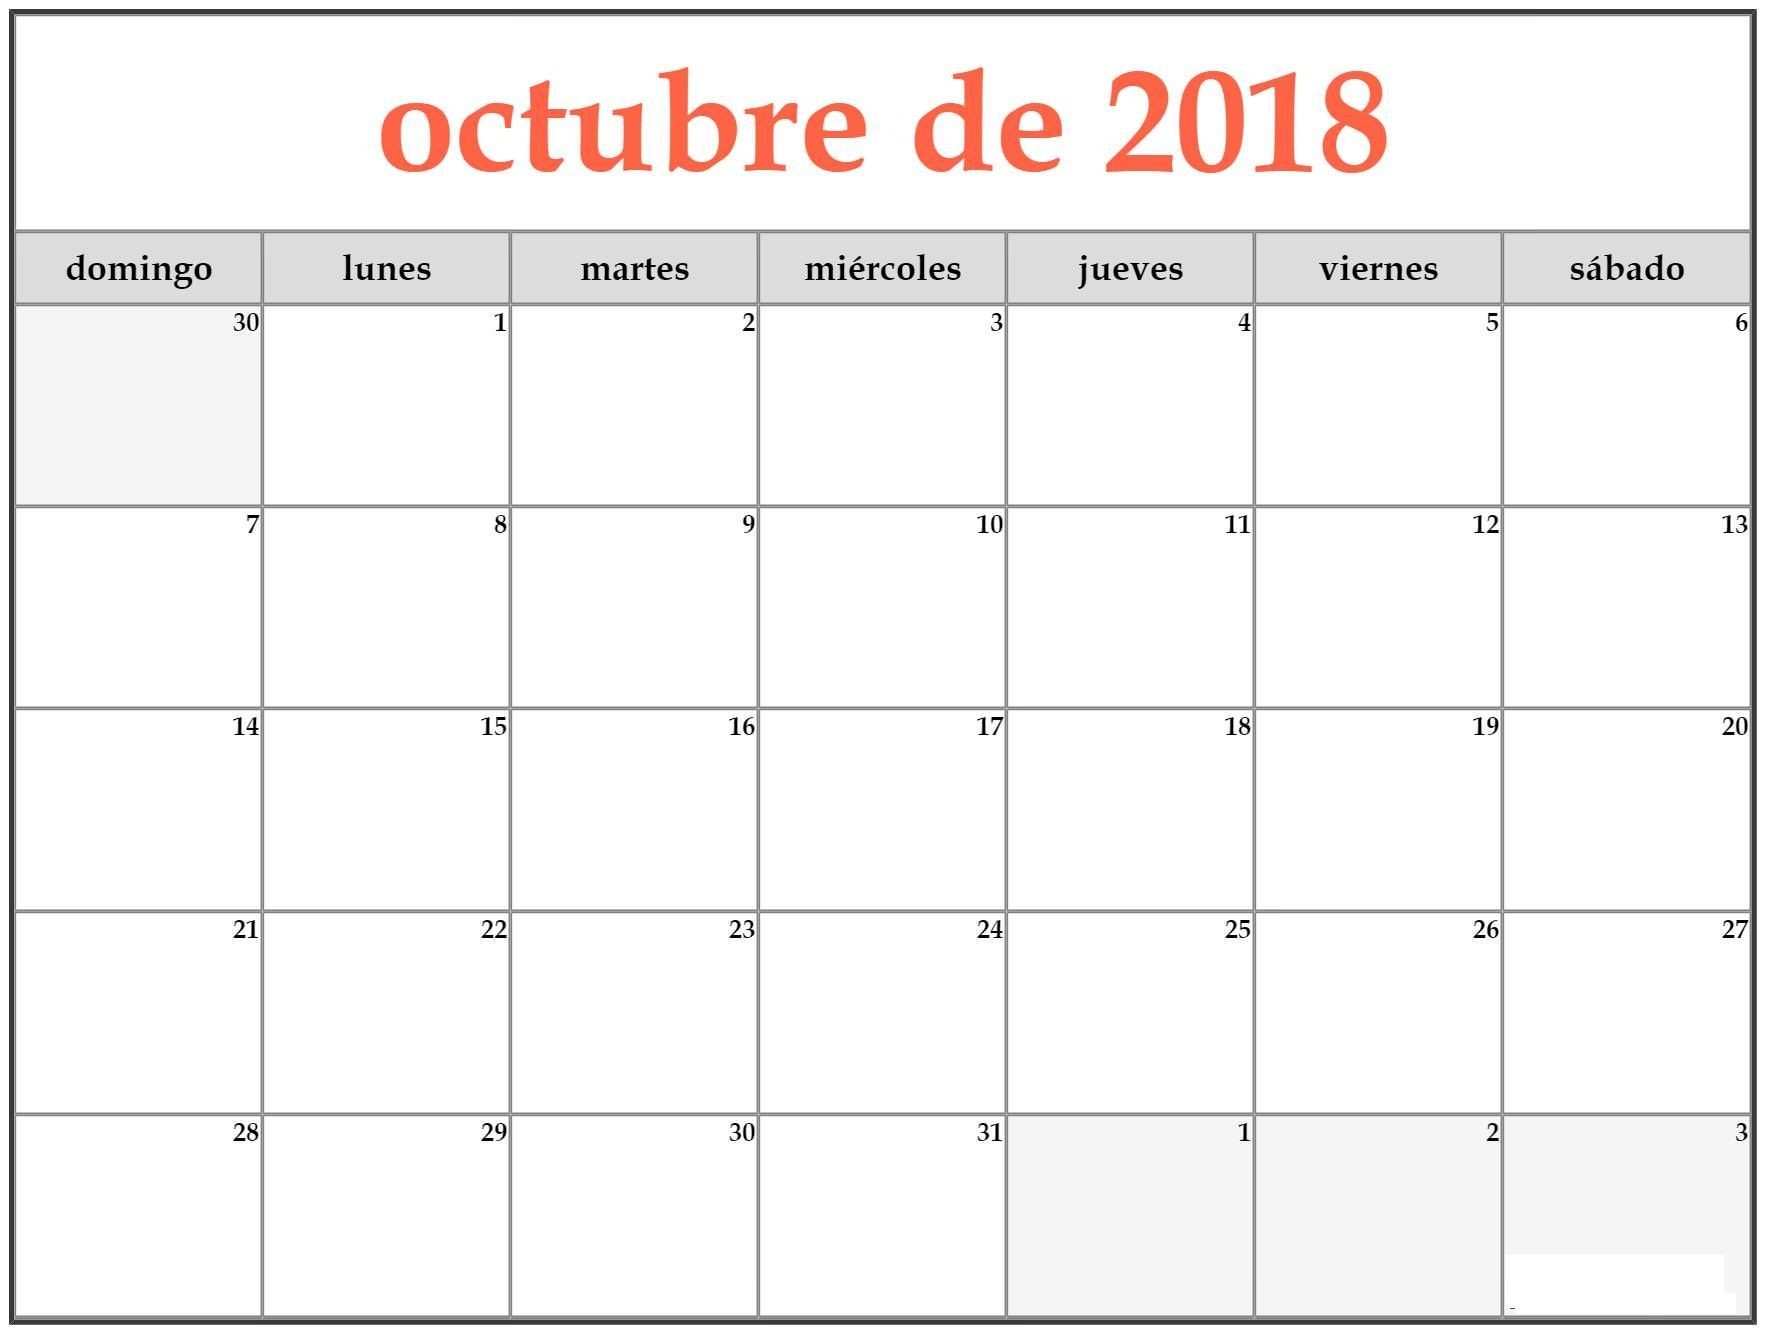 Calendario Diciembre 2017 Chile Para Imprimir Más Populares Calendario Octubre 2018 Para Imprimir Of Calendario Diciembre 2017 Chile Para Imprimir Recientes Calendario Chile A±o 2018